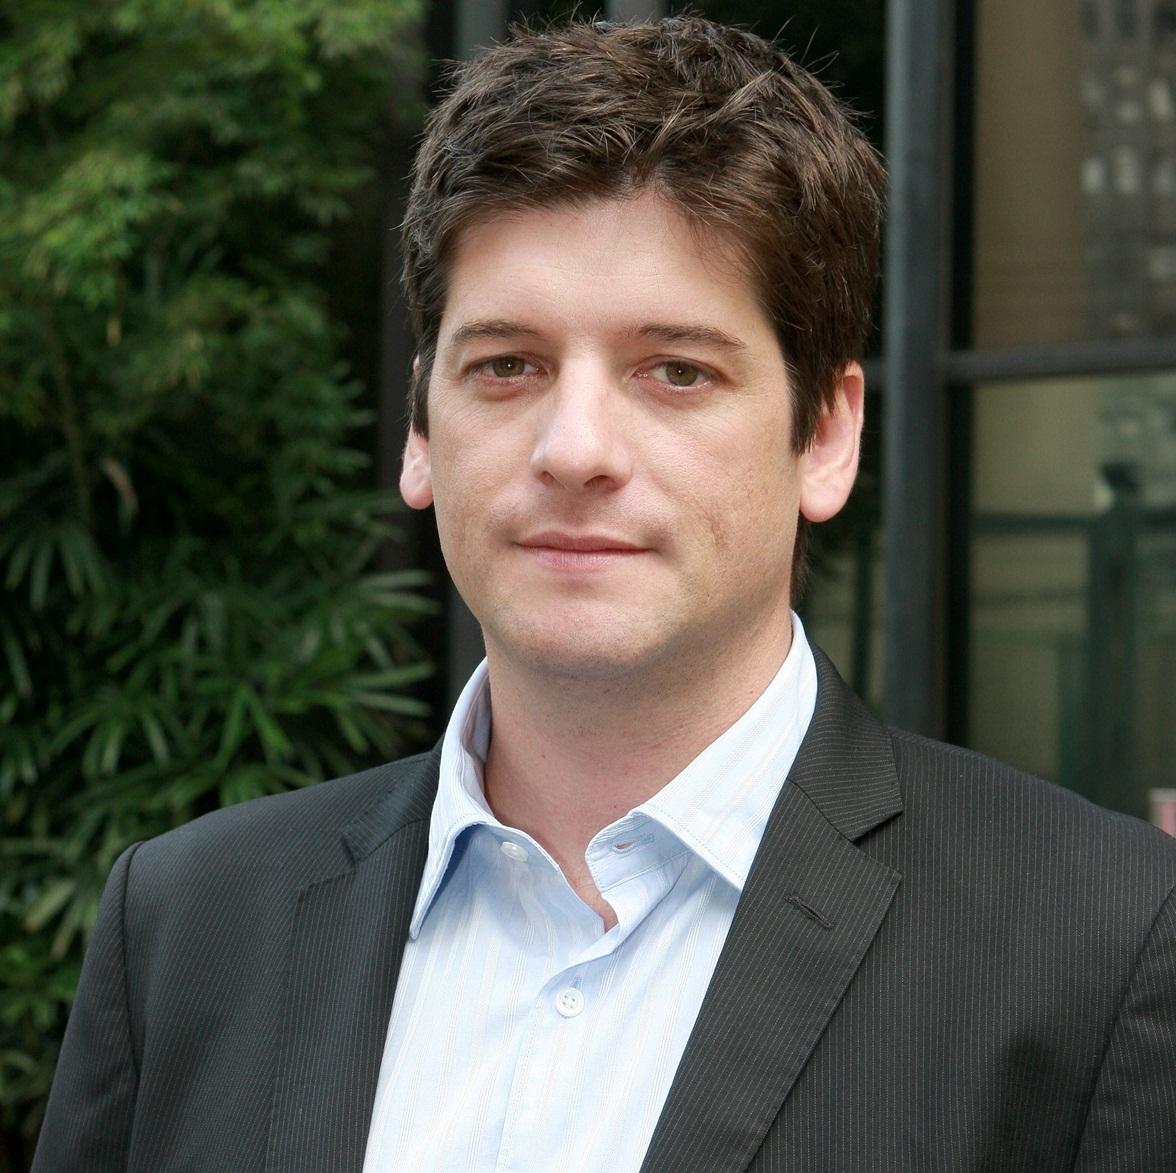 Felipe Gutiérrez: se o empreendimento é novidade para a construtora, o risco de haver problemas é maior.